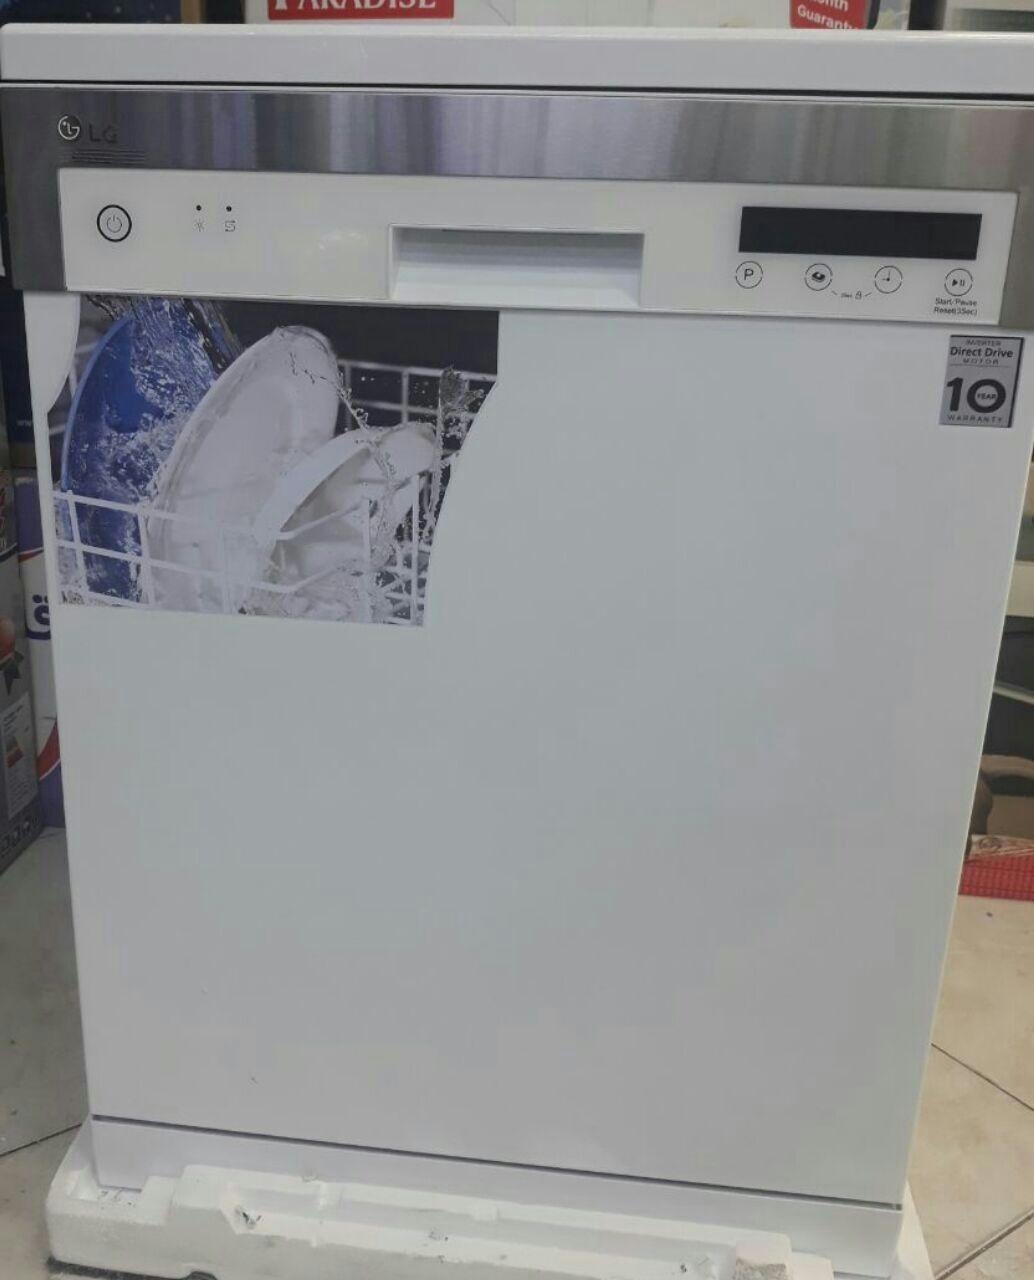 ماشین ظرفشویی 14 نفره الجی نمایشگر و تنظیم لمسی دیجیتال با برنامه متنوع شستشو